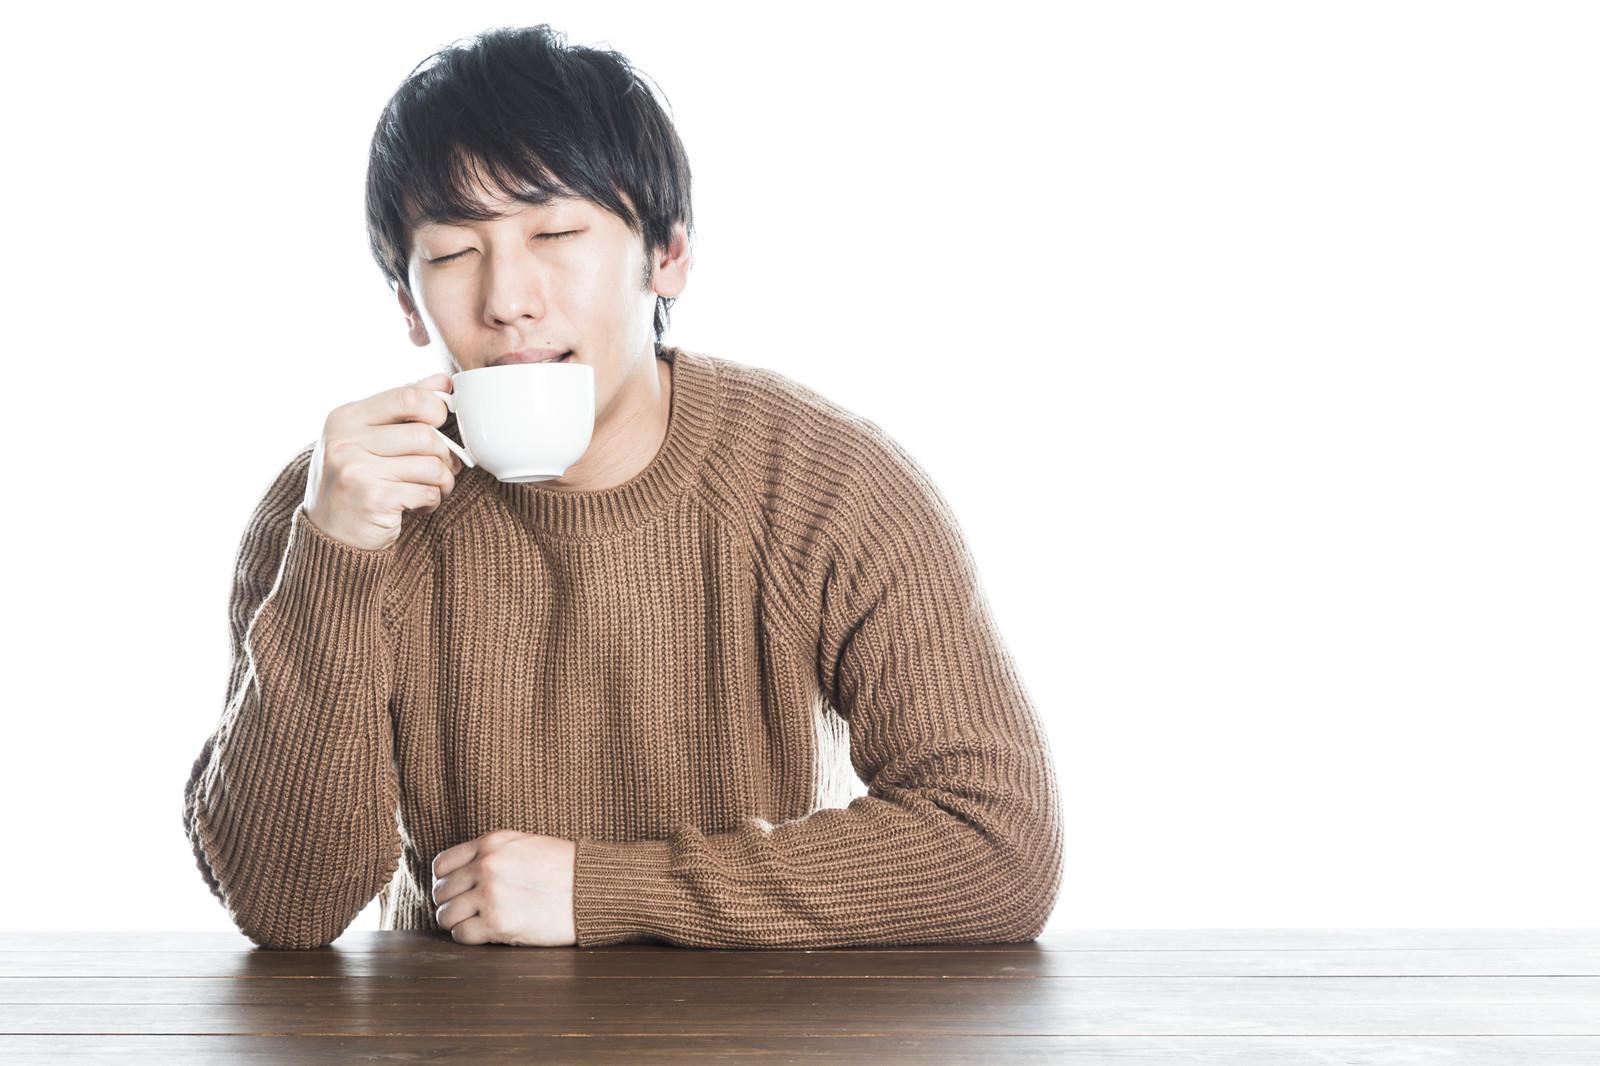 Ookawa1223IMGL1790 TP V okawa drinking coffee